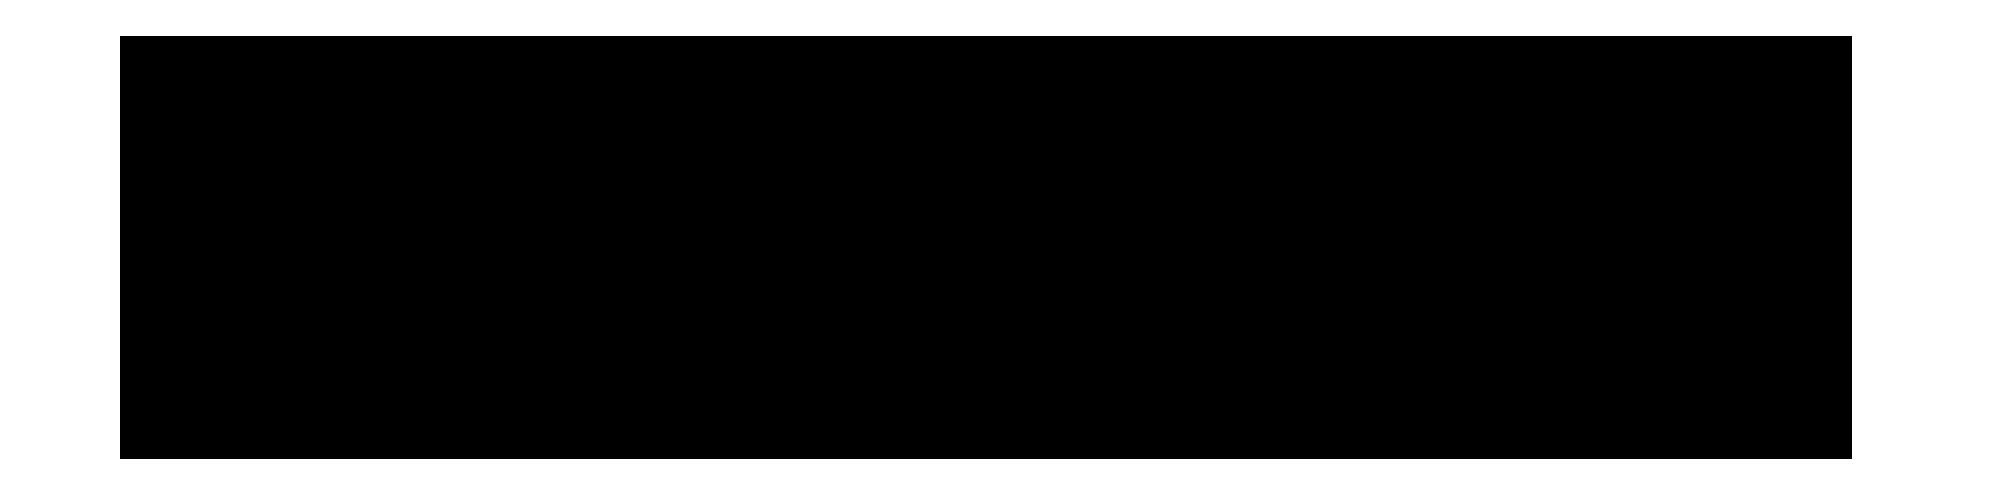 Hylio Icon